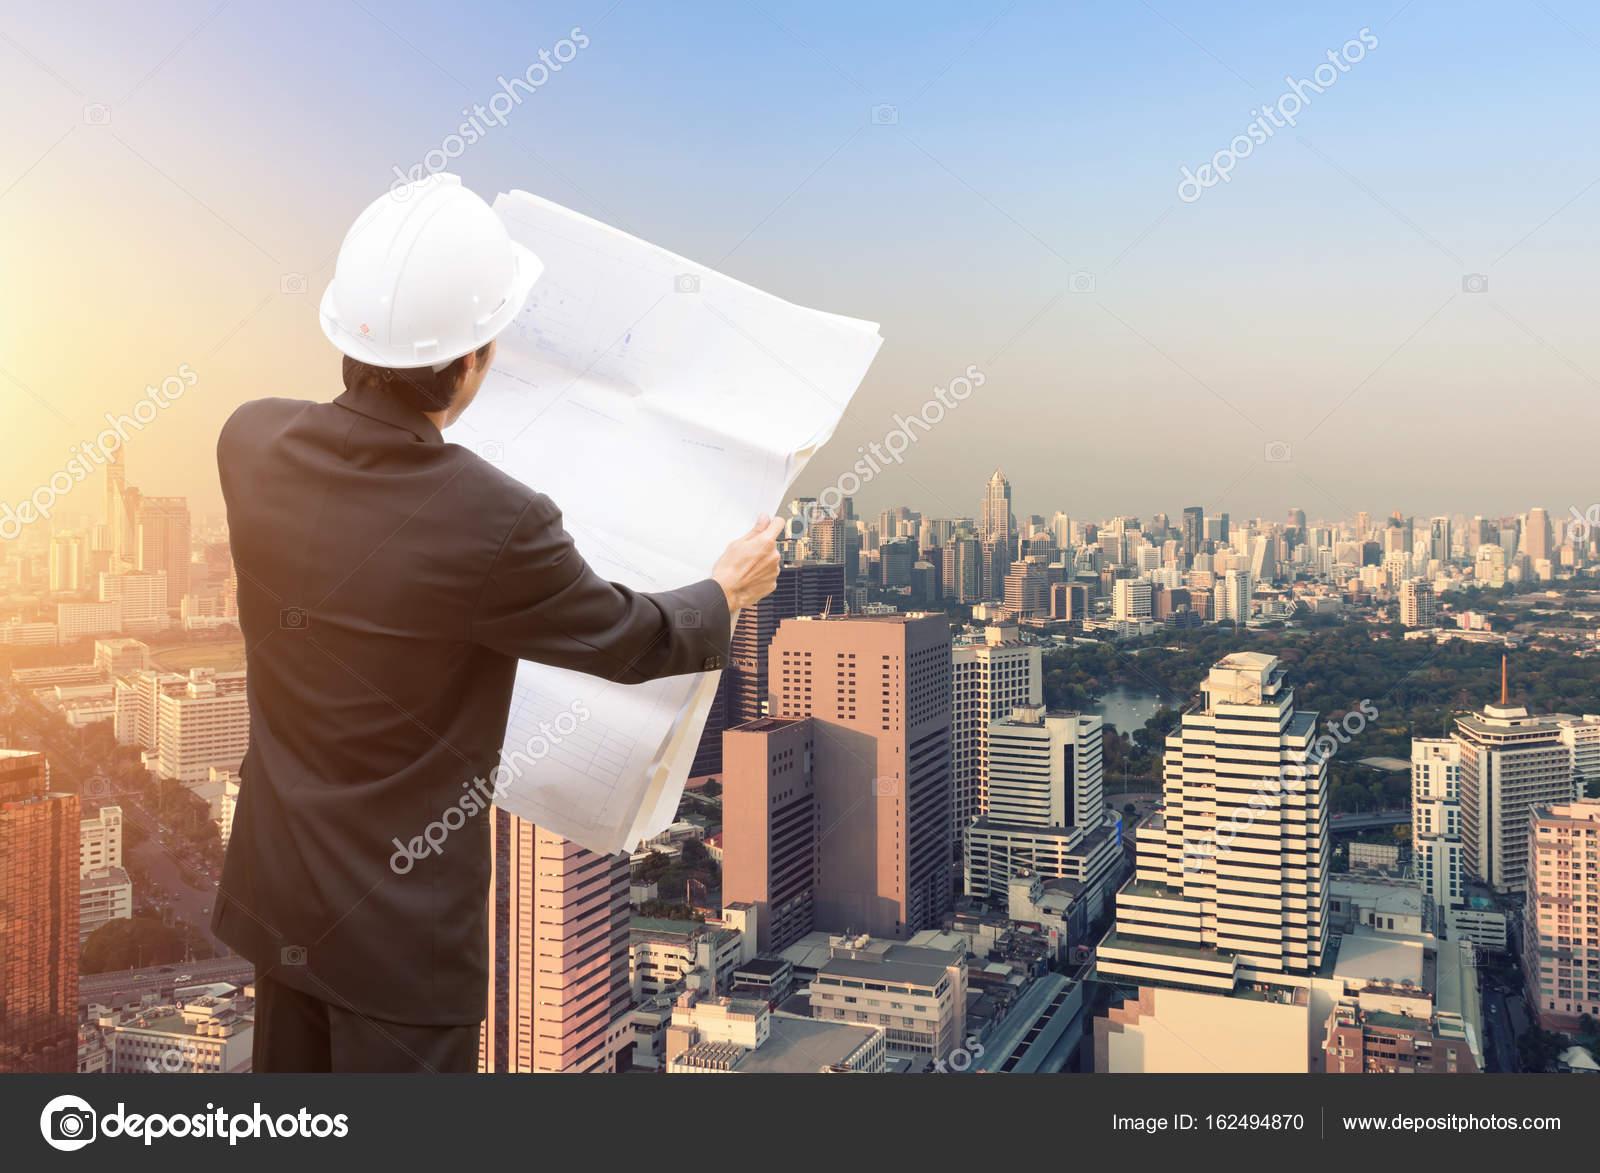 Consultora con ingenieros trabajando y holding blueprint ingeniero consultora con ingenieros trabajando y holding blueprint ingeniero diseador con plan de explotacin de casco en su mano para el plan de gestin de malvernweather Choice Image